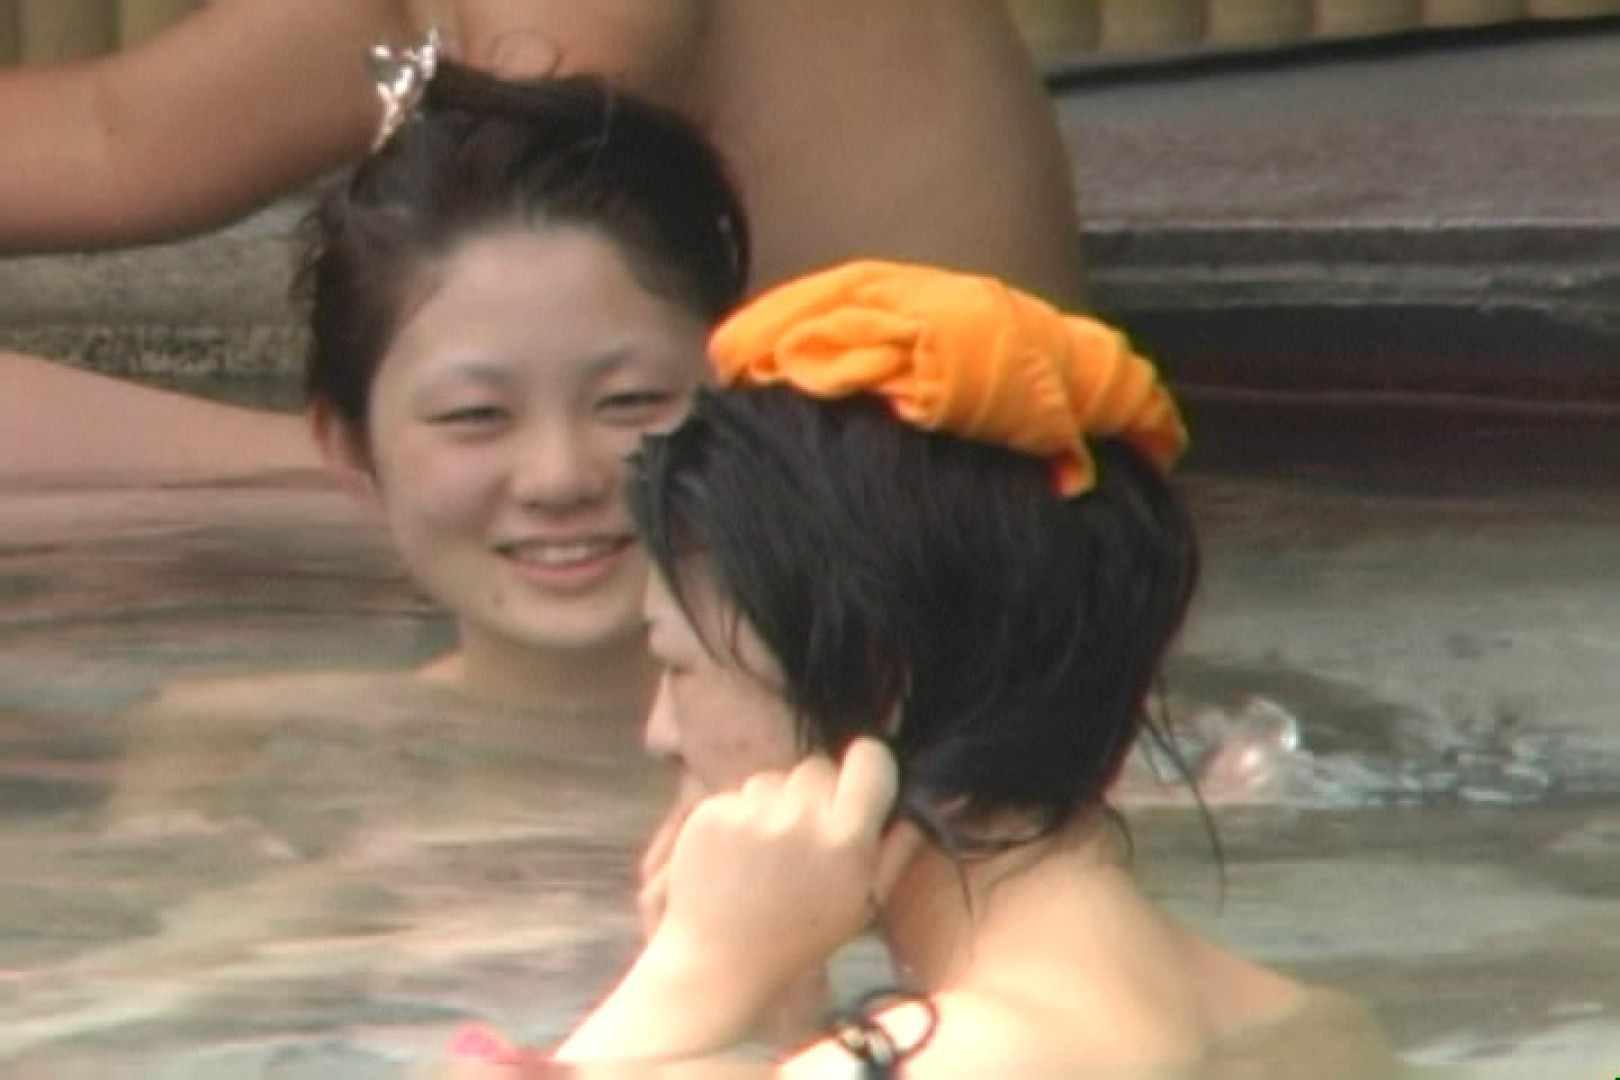 Aquaな露天風呂Vol.40【VIP】 OLのエロ生活 濡れ場動画紹介 39連発 5